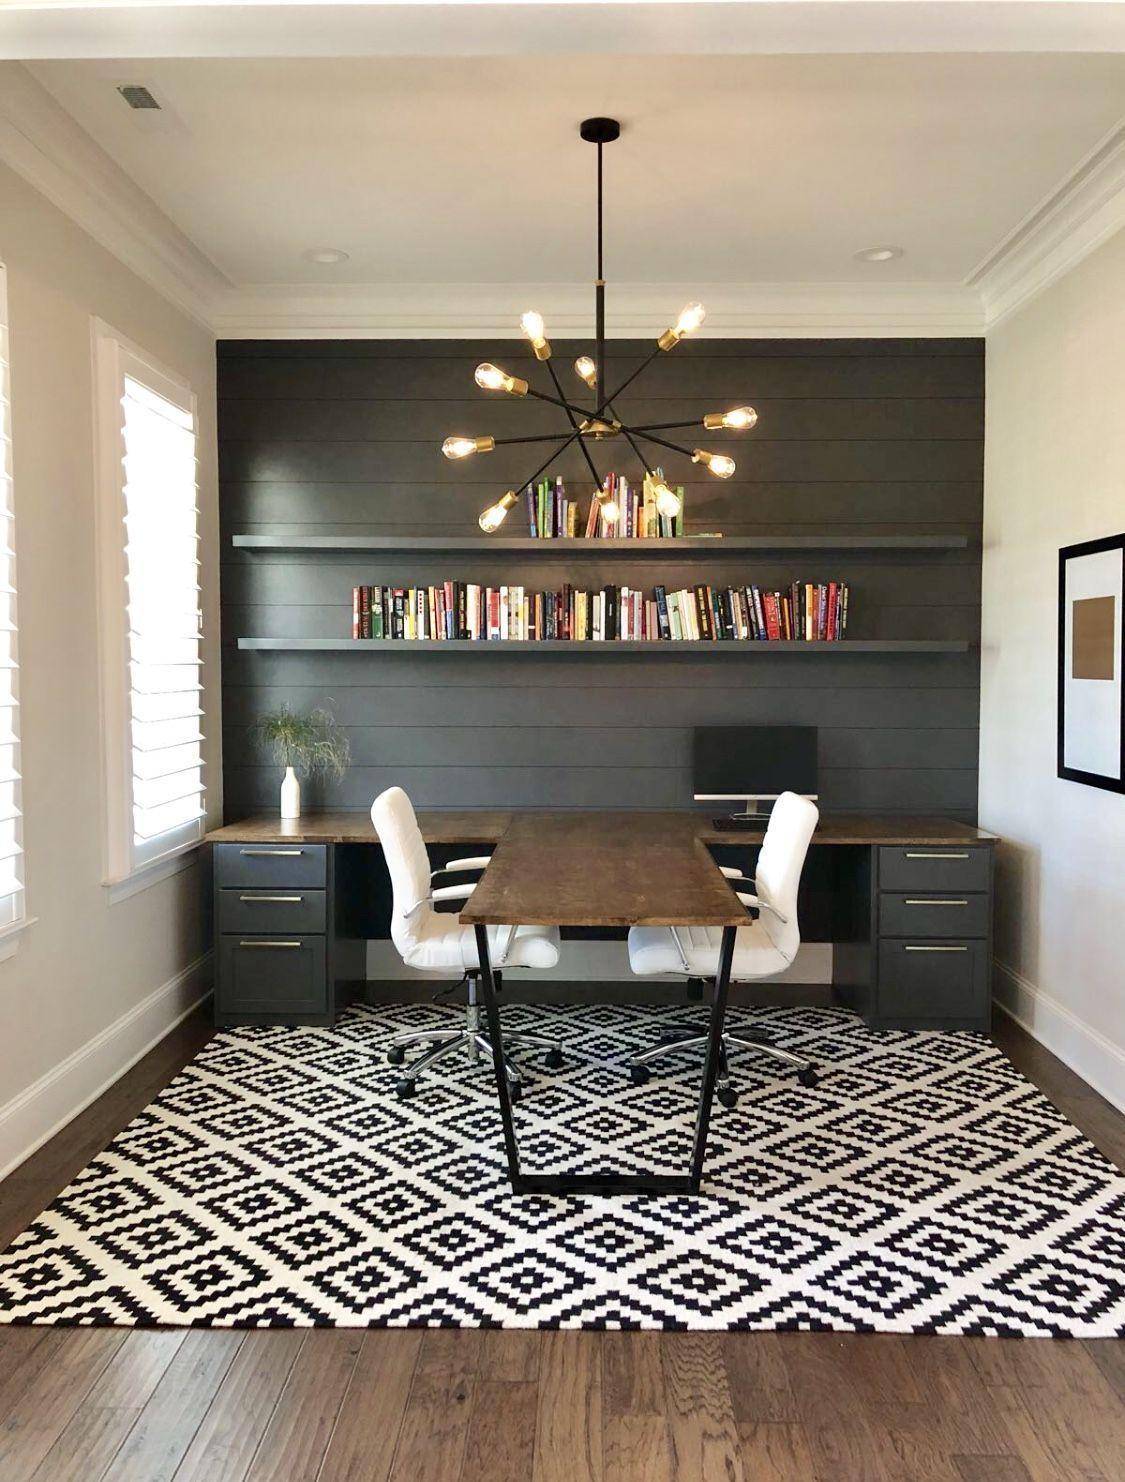 Frail Furniture Living Room Cozy #homeinspo #AntiqueFurnitureLivingRoom